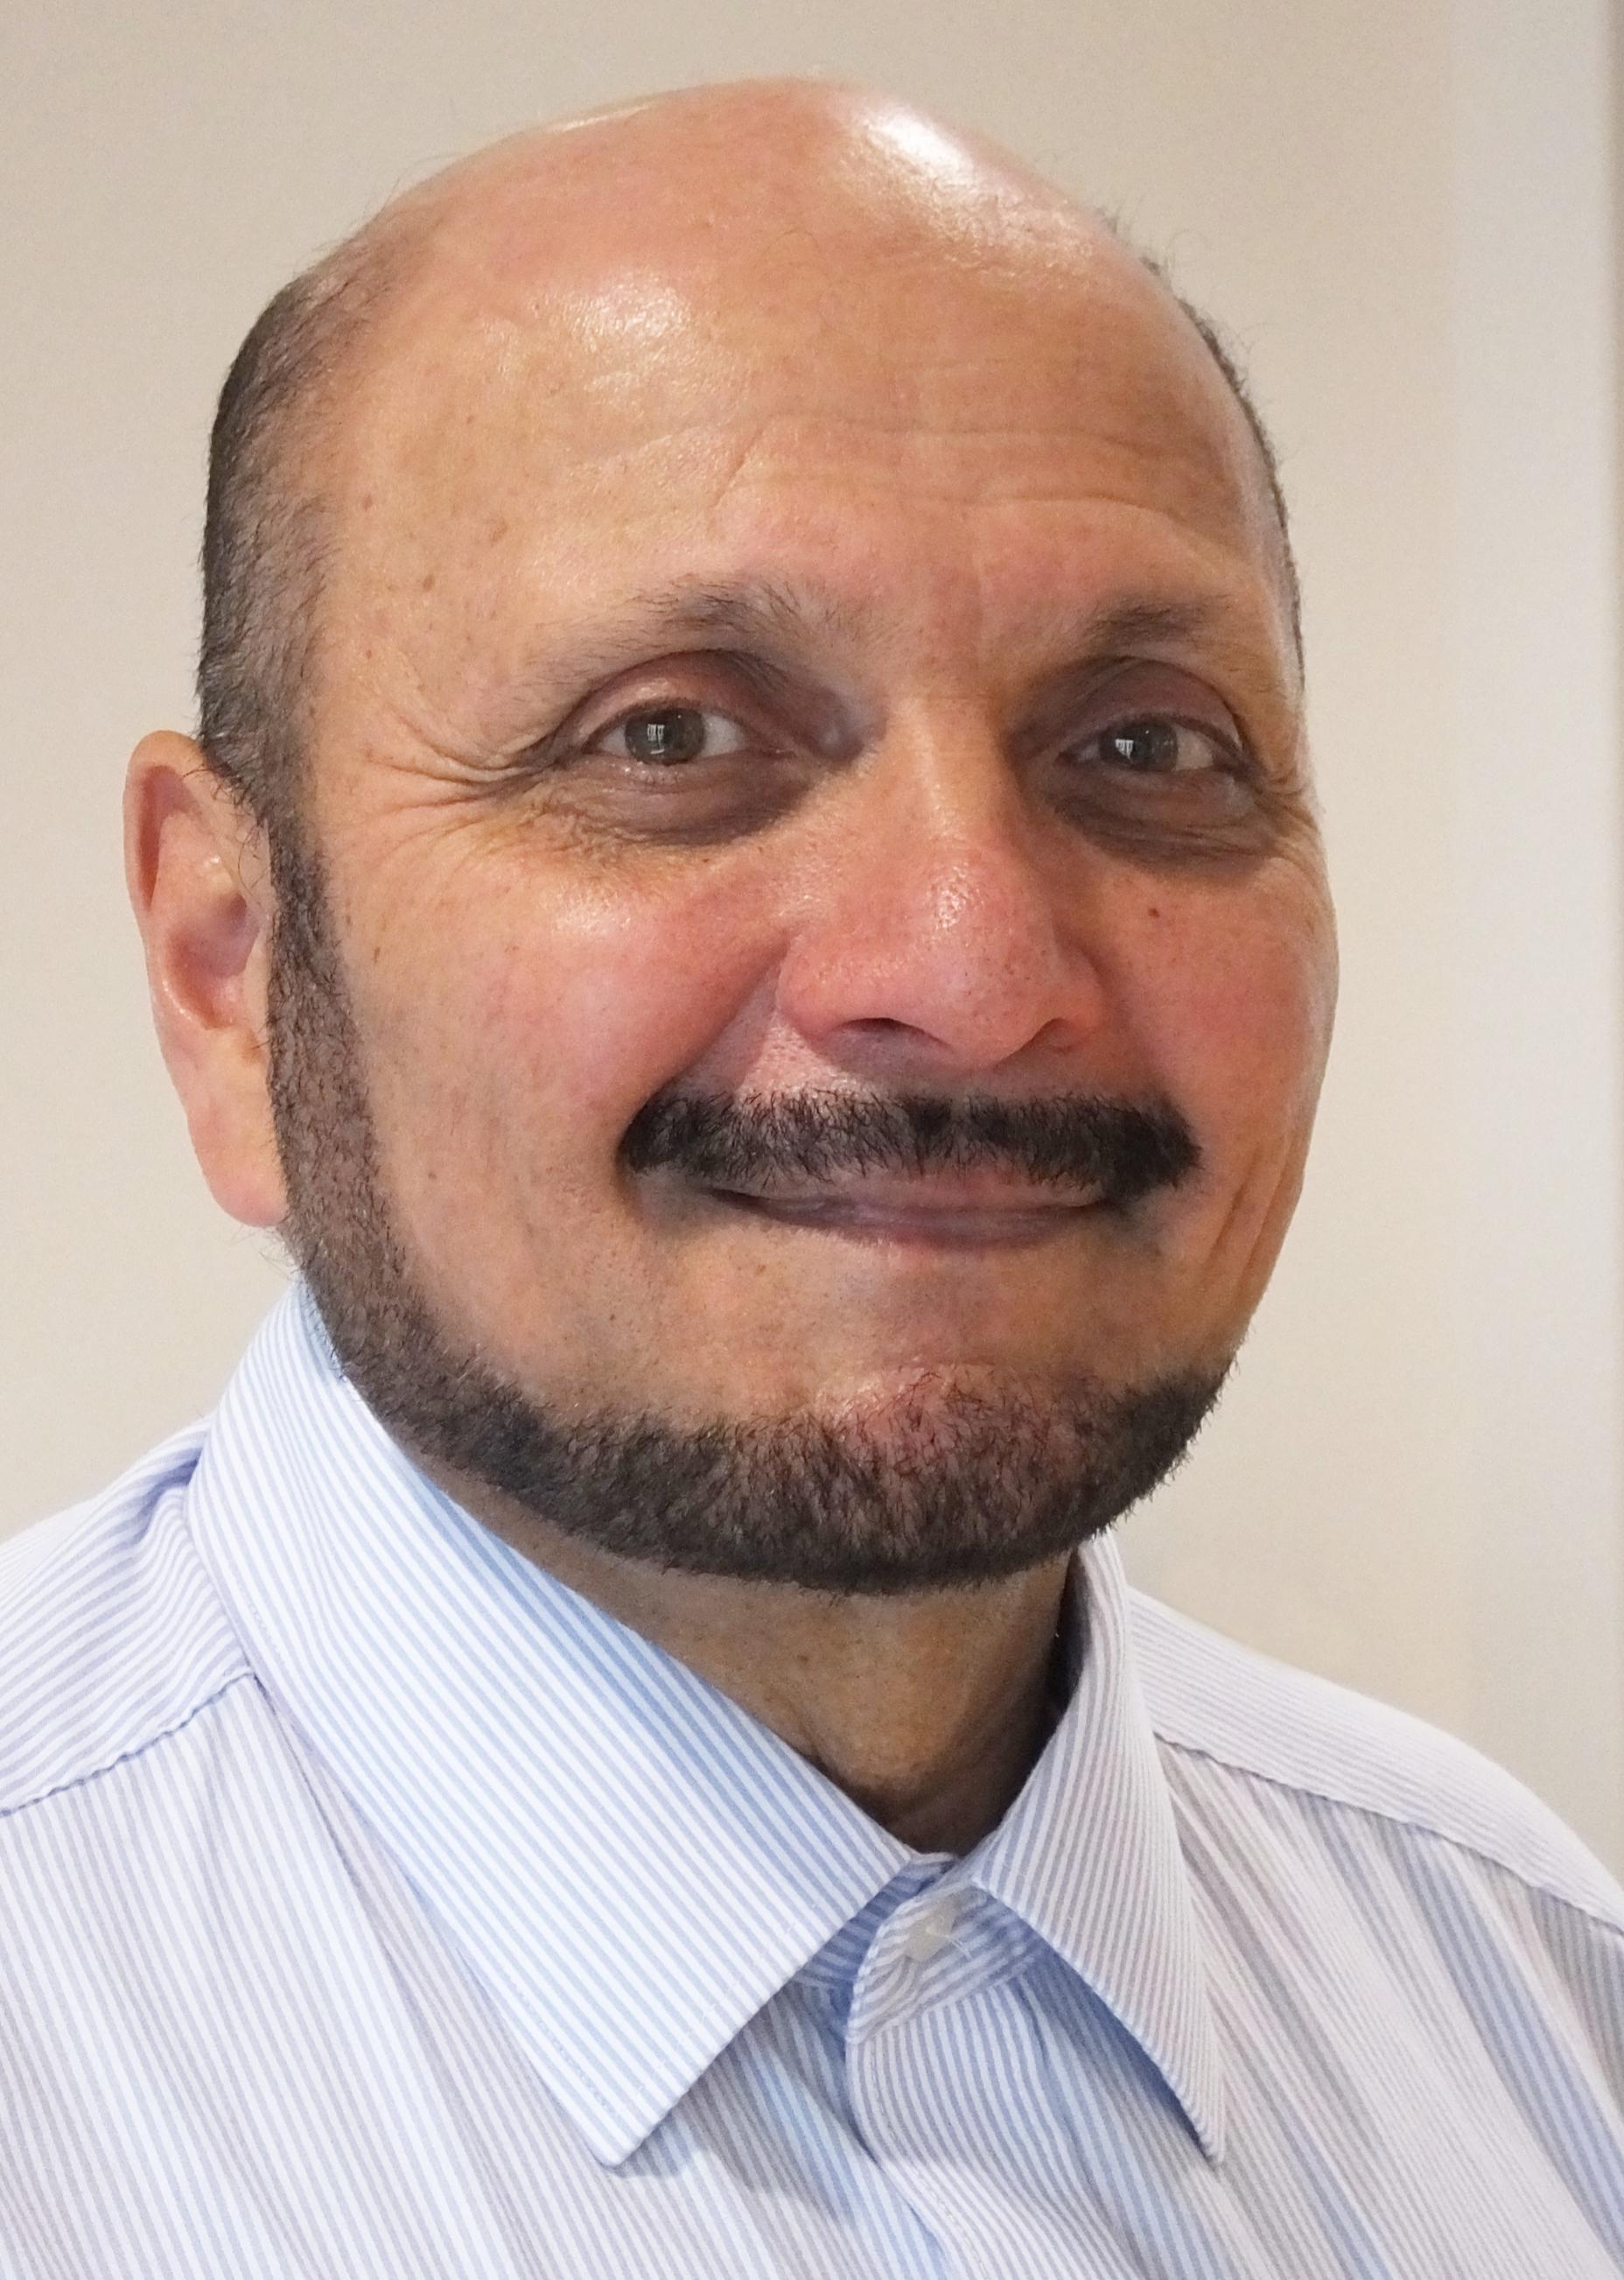 Imam Ali Barikat